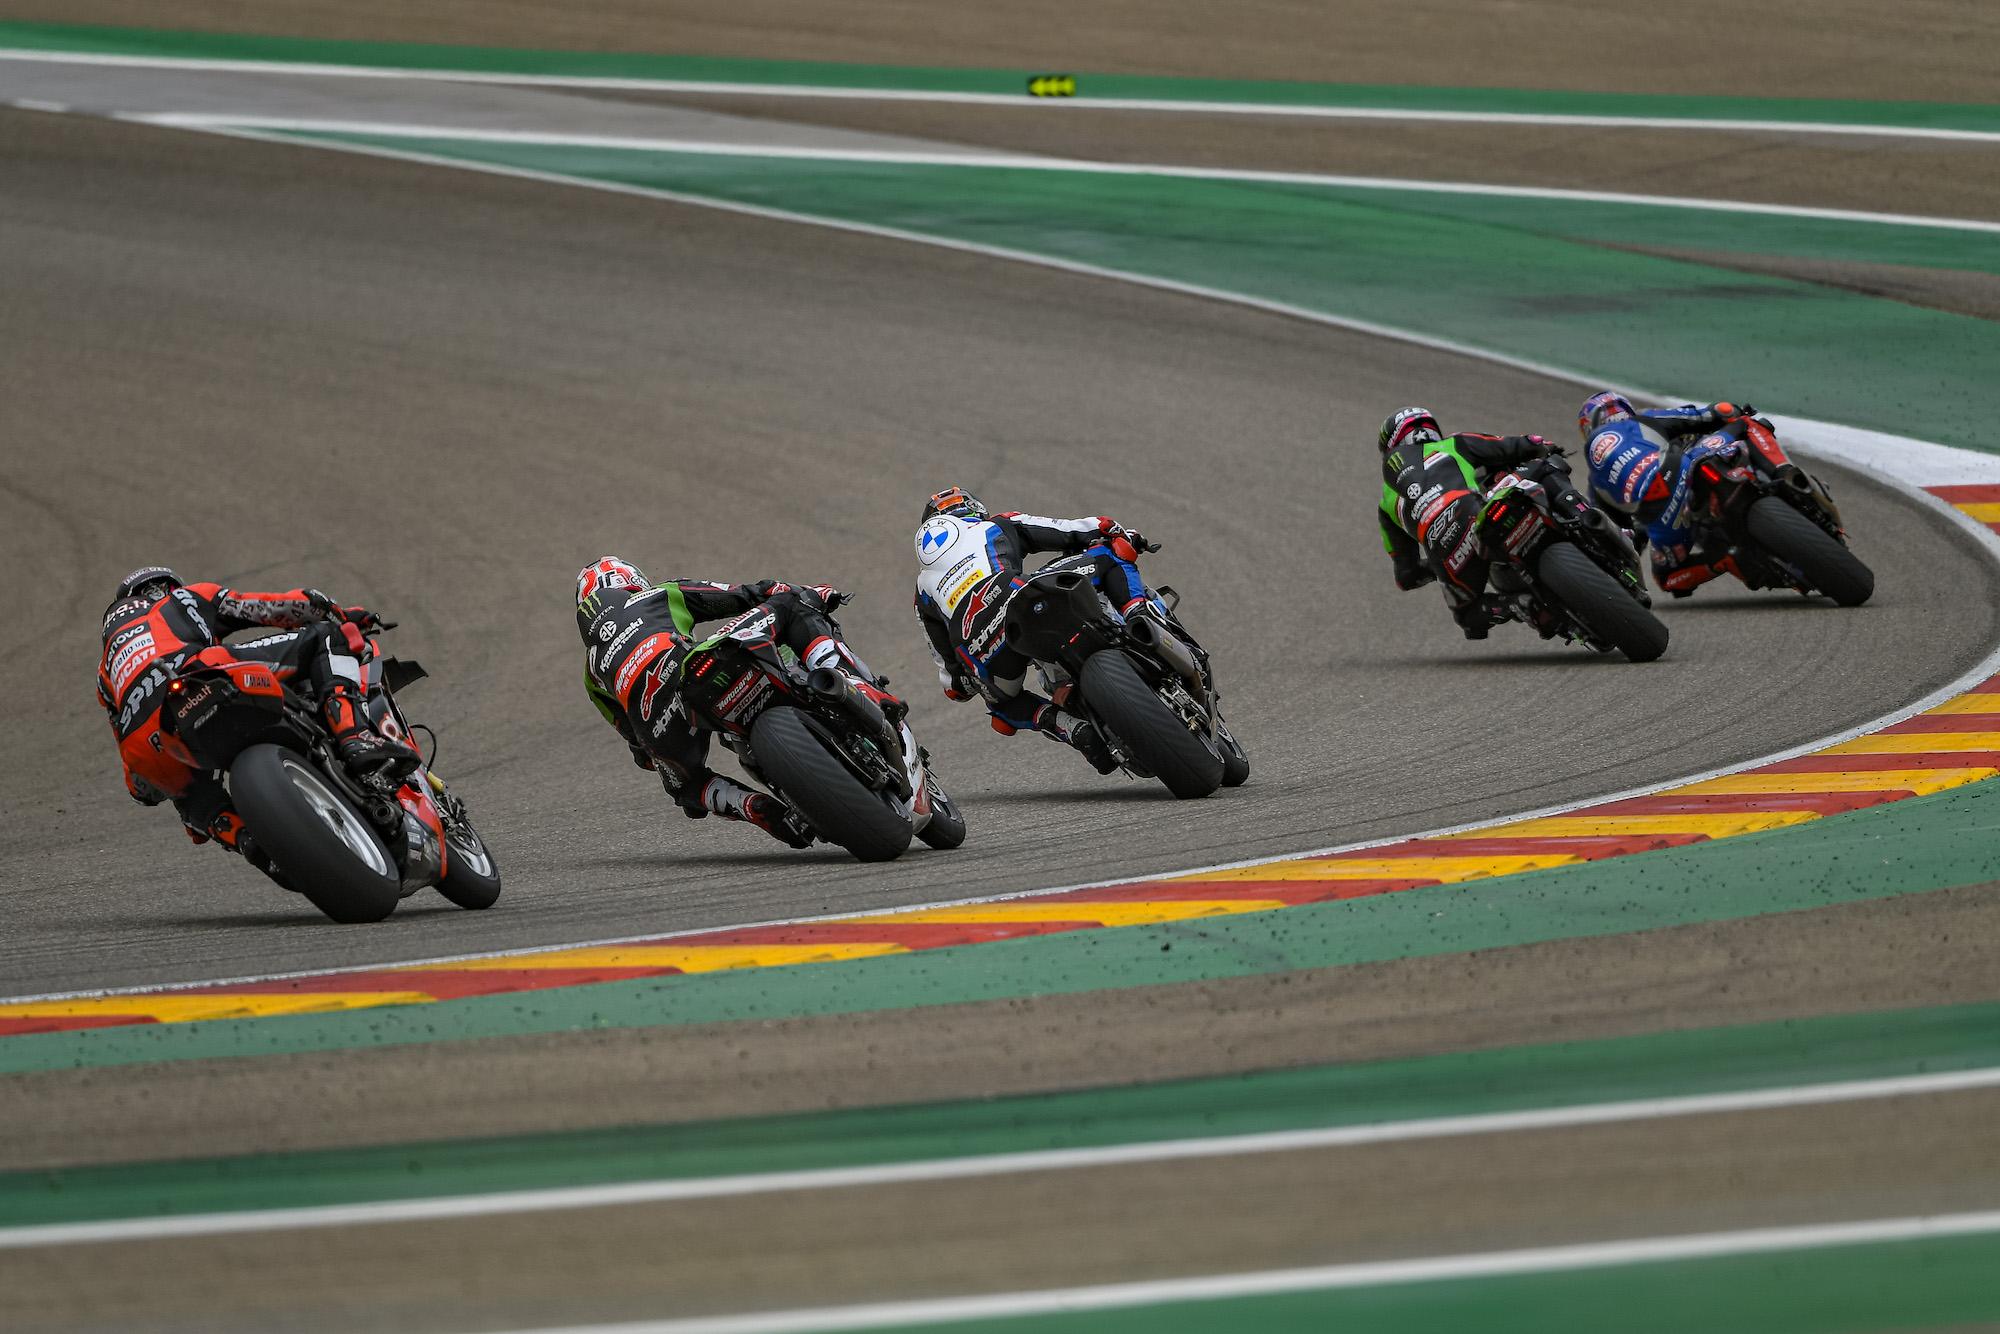 Początek wyścigu 2 serii WSBK w Aragonii